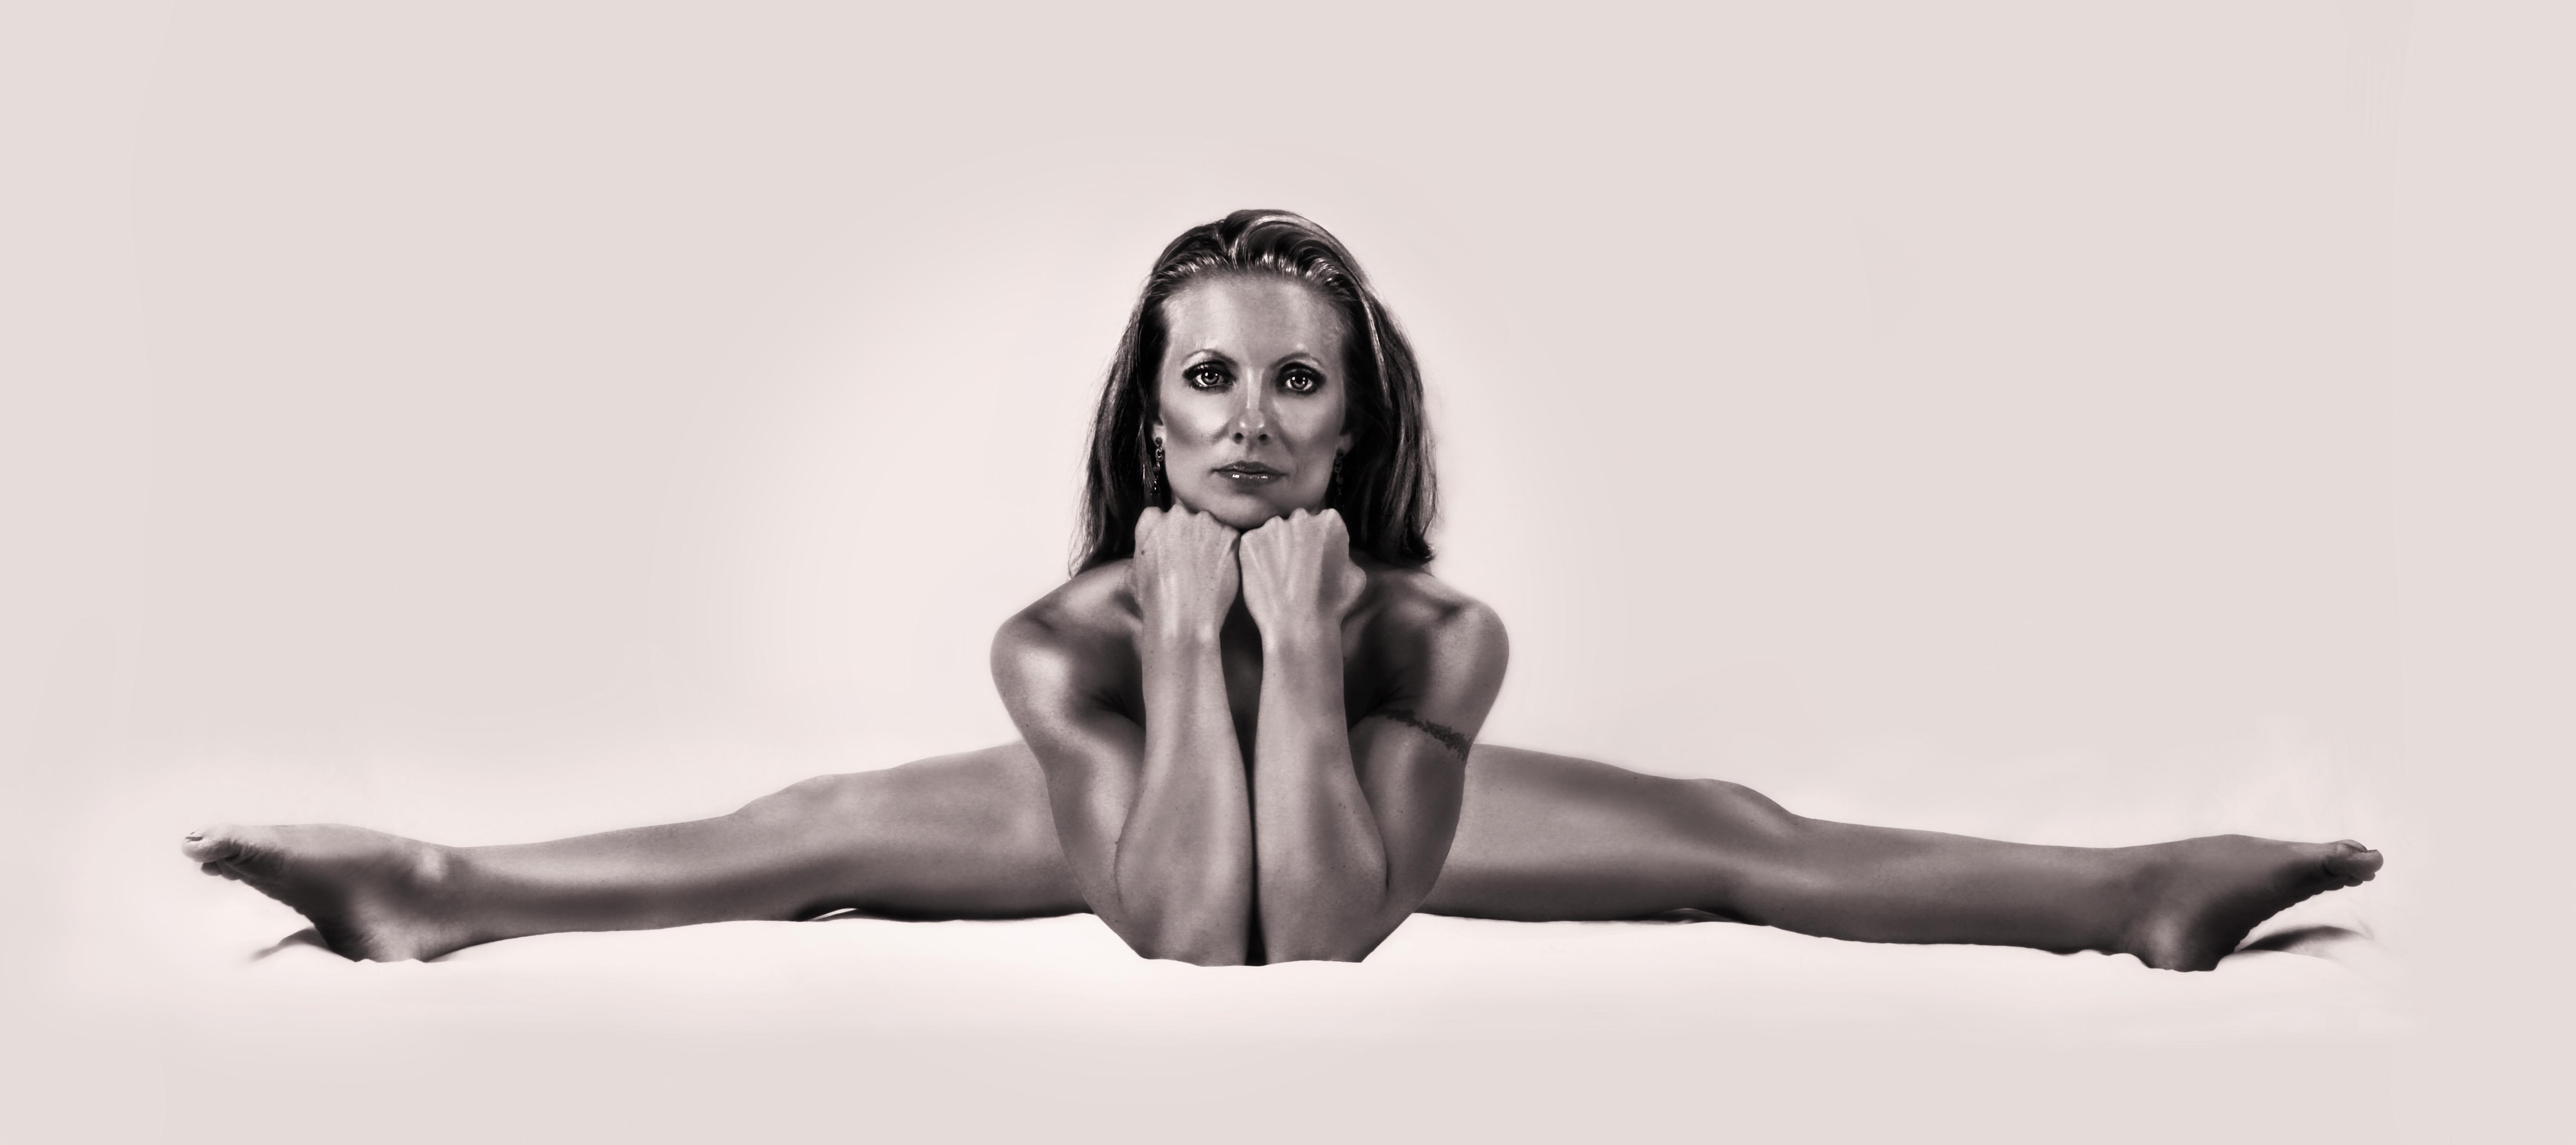 nude girls splits leg